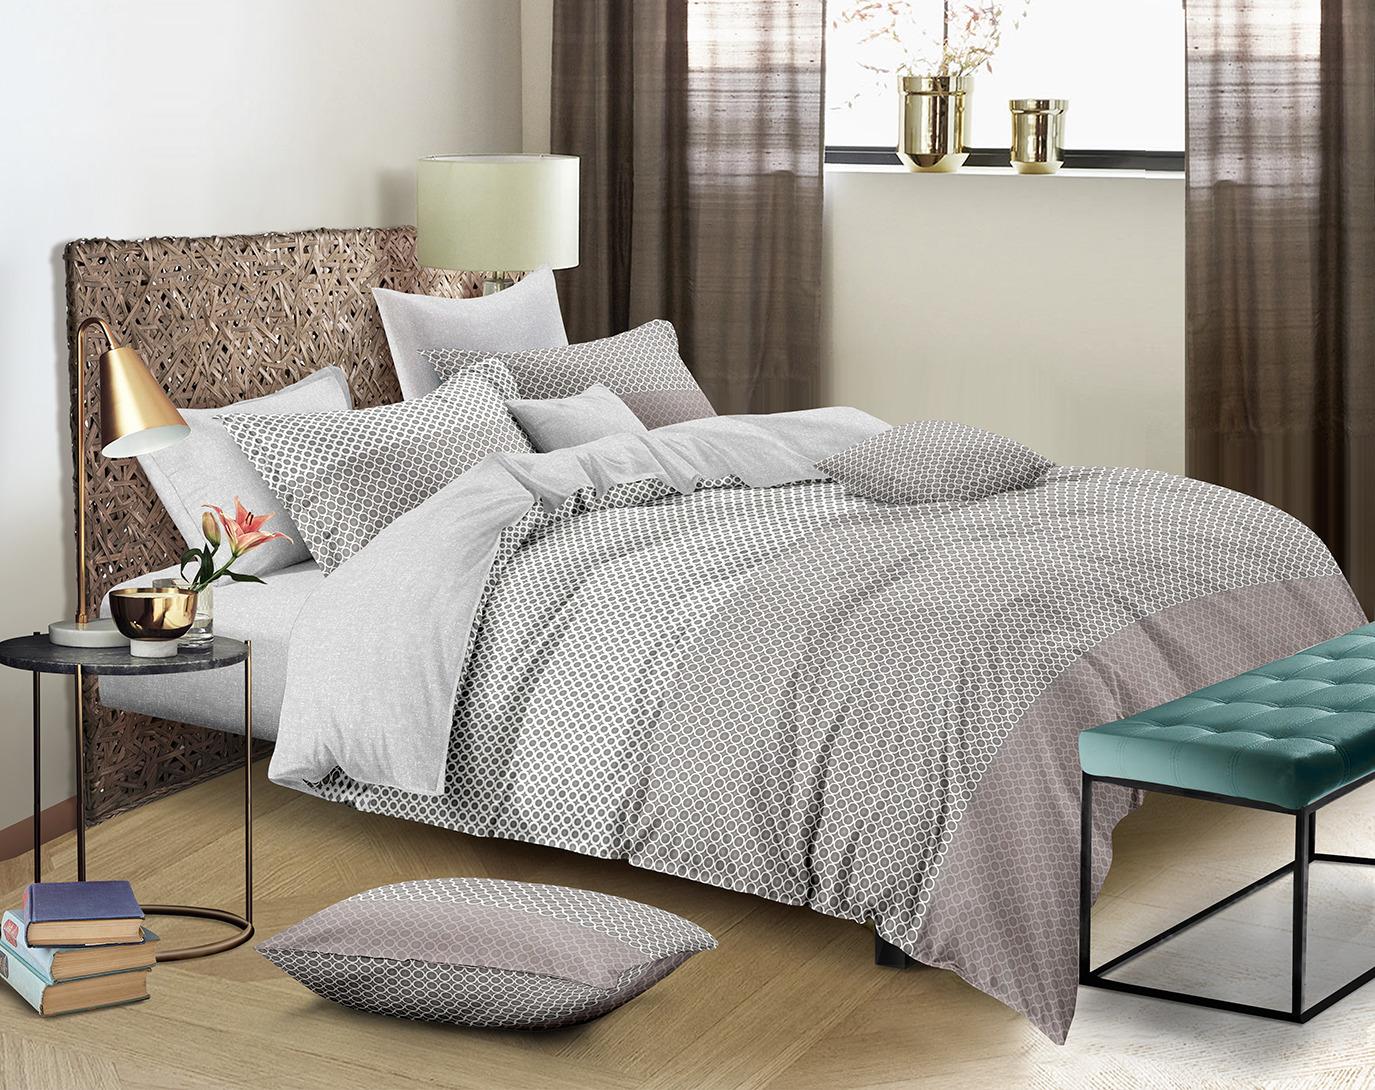 цена Комплект постельного белья Amore Mio Gold Calvin, 7844, бежевый, 2-спальный, наволочки 70x70 онлайн в 2017 году